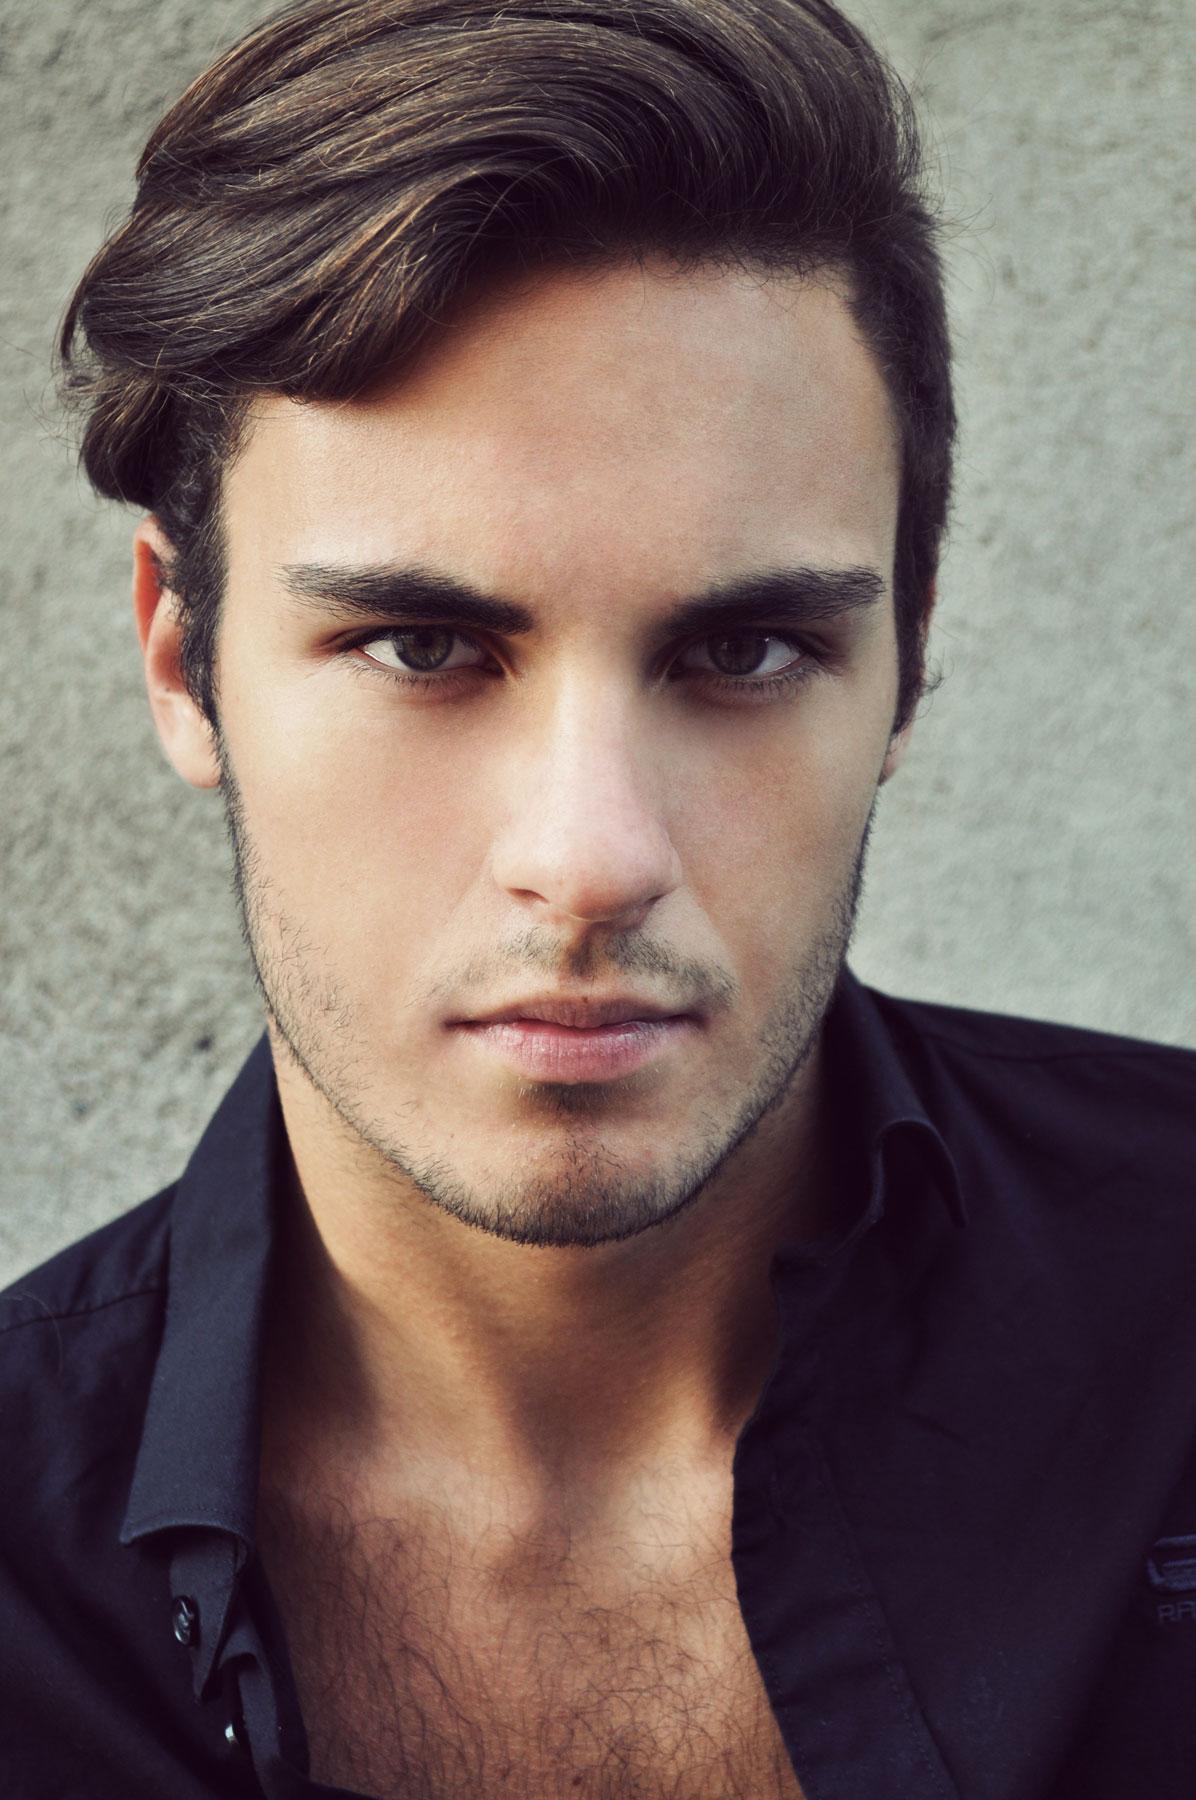 max-makela-male-model-face.jpg